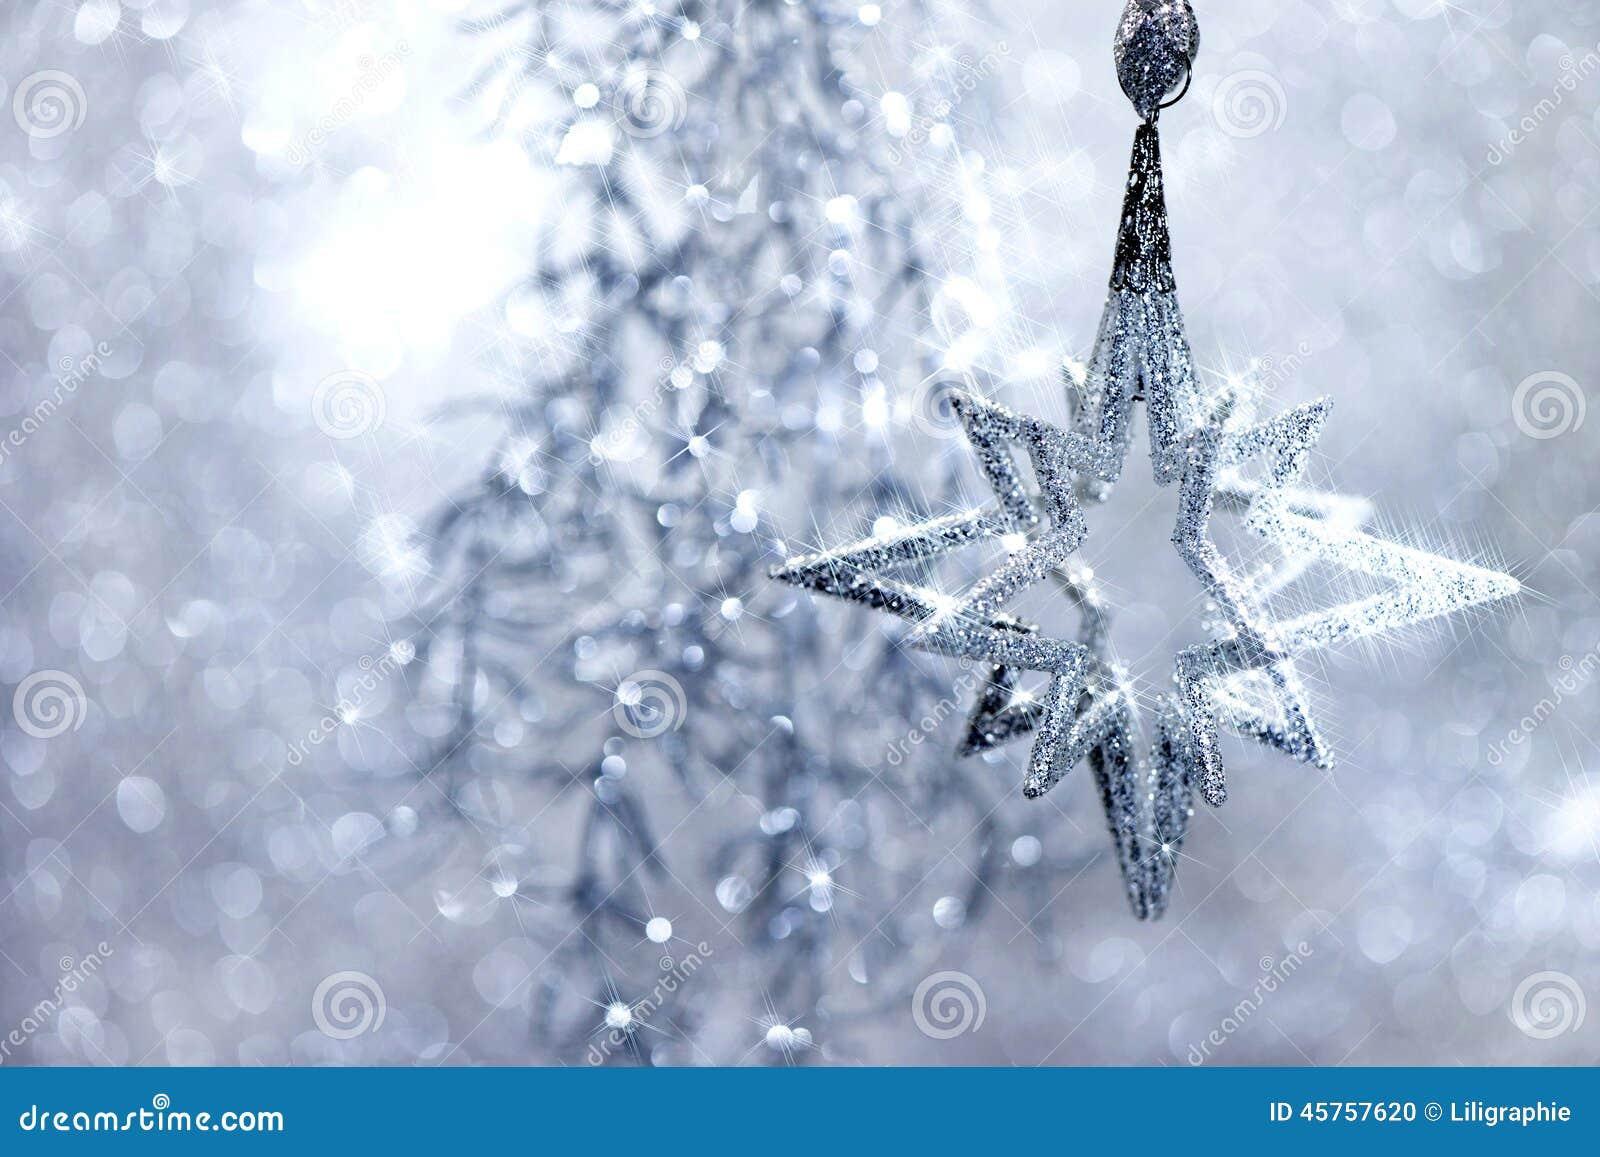 Weihnachten-Decoraions-Silber-Stern Mit Magischen Lichtern Stockfoto ...